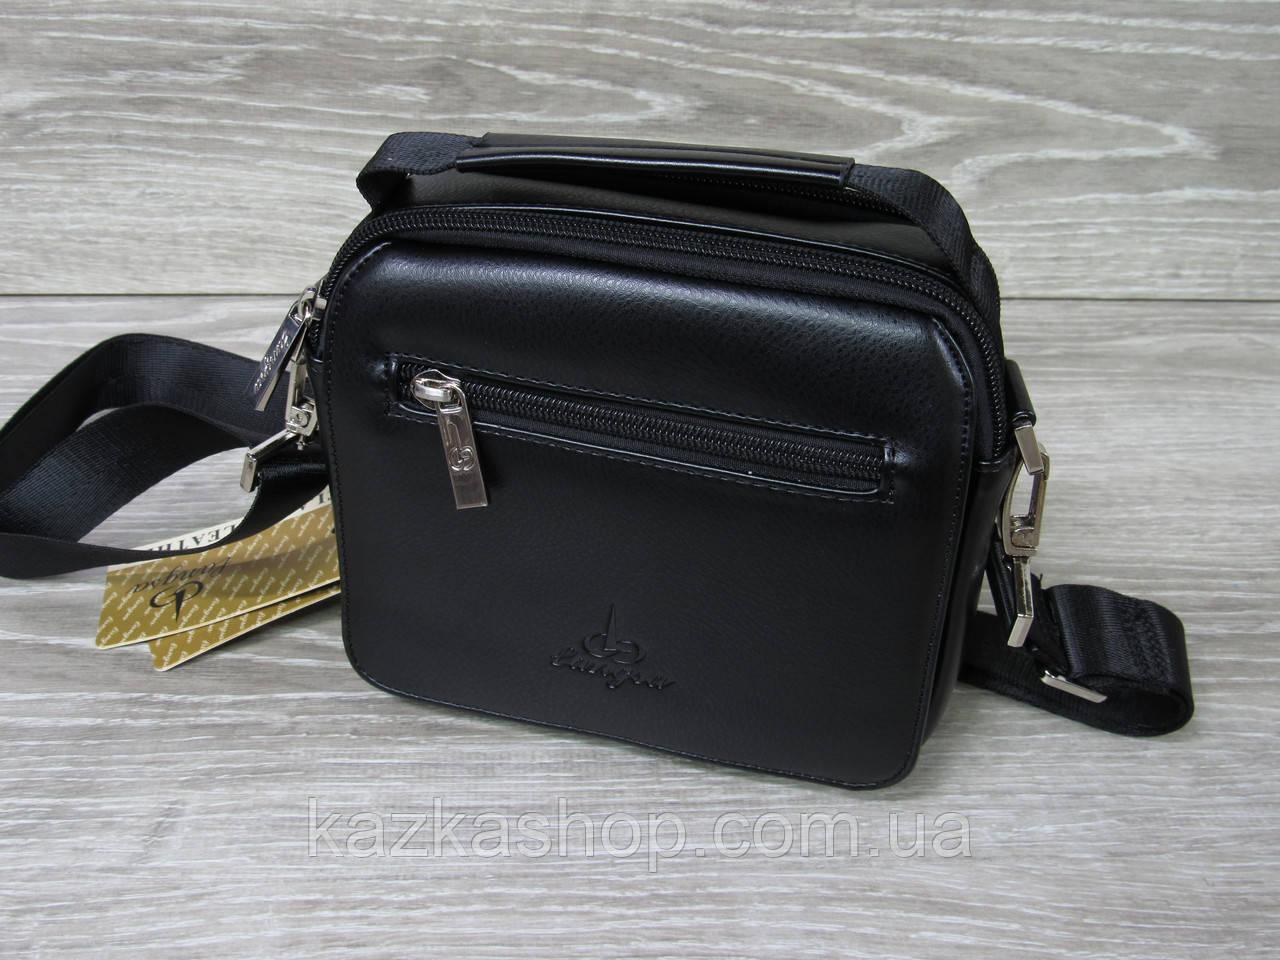 Мужская сумка через плечо черного цвета из искусственной кожи, несколько отделов, без клапана 19х16 см